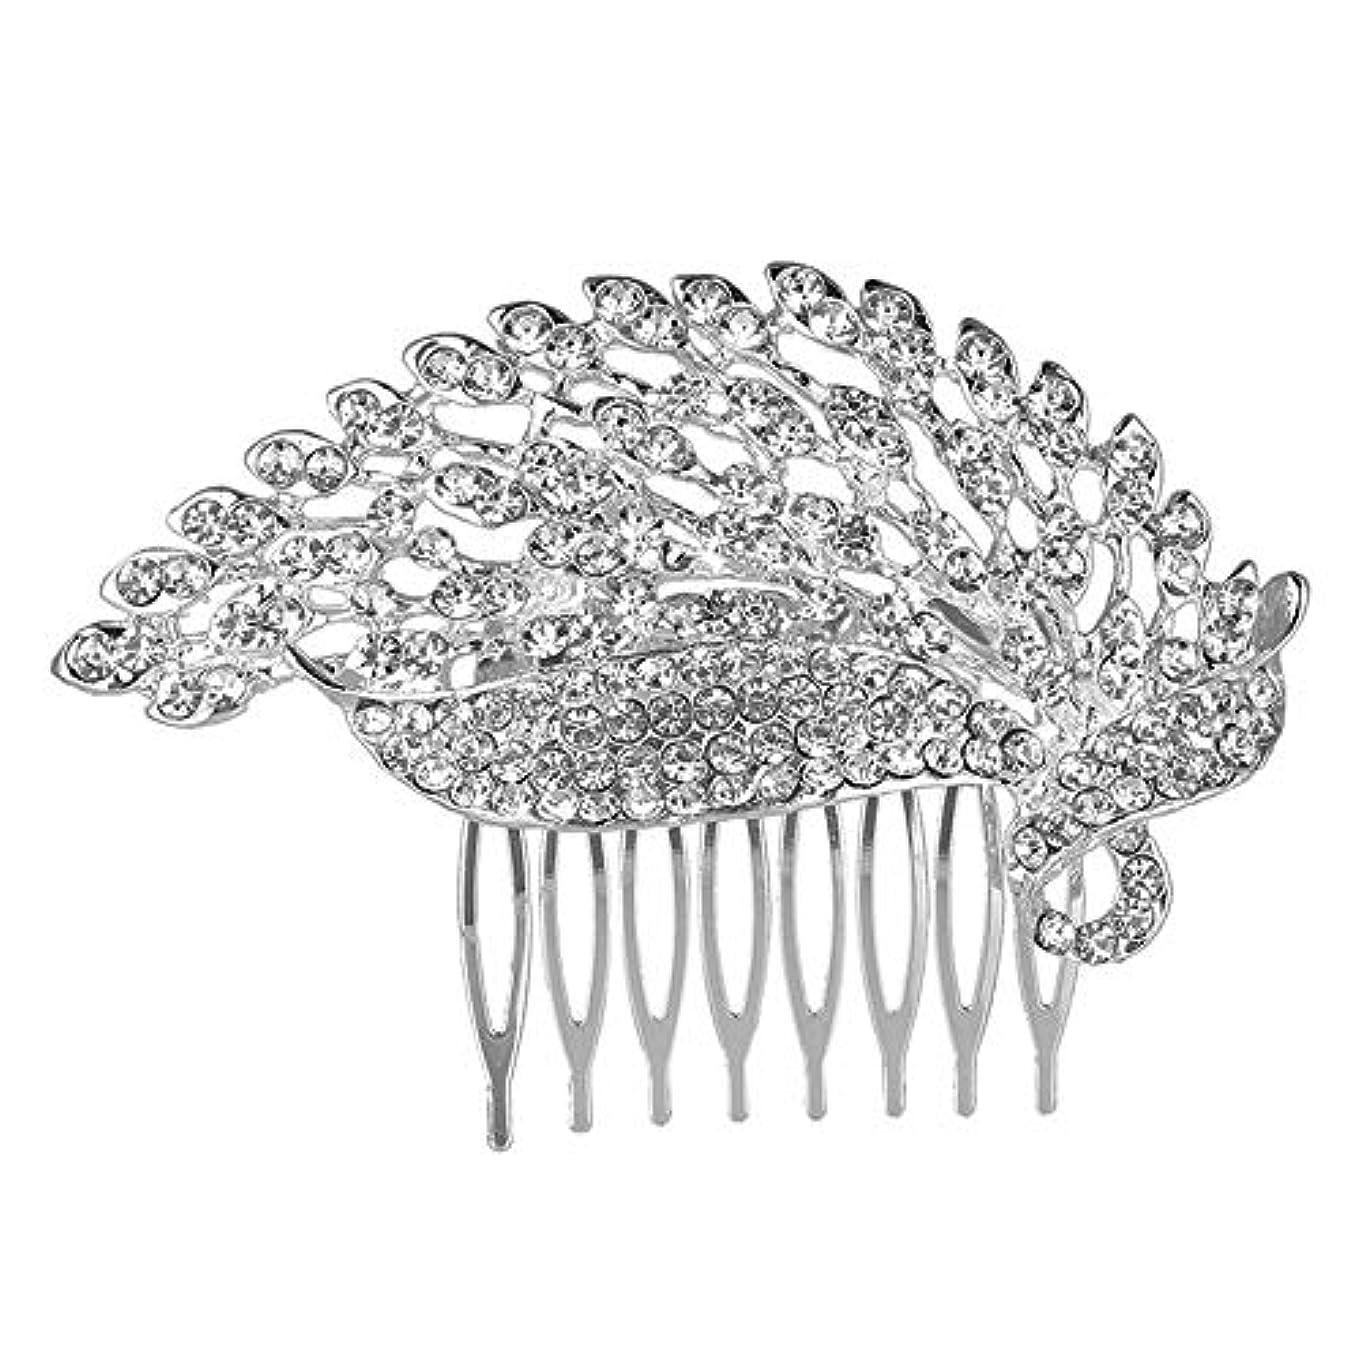 定義どうやら土髪の櫛の櫛の櫛の花嫁の櫛の櫛の櫛の花嫁の頭飾りの結婚式のアクセサリー合金